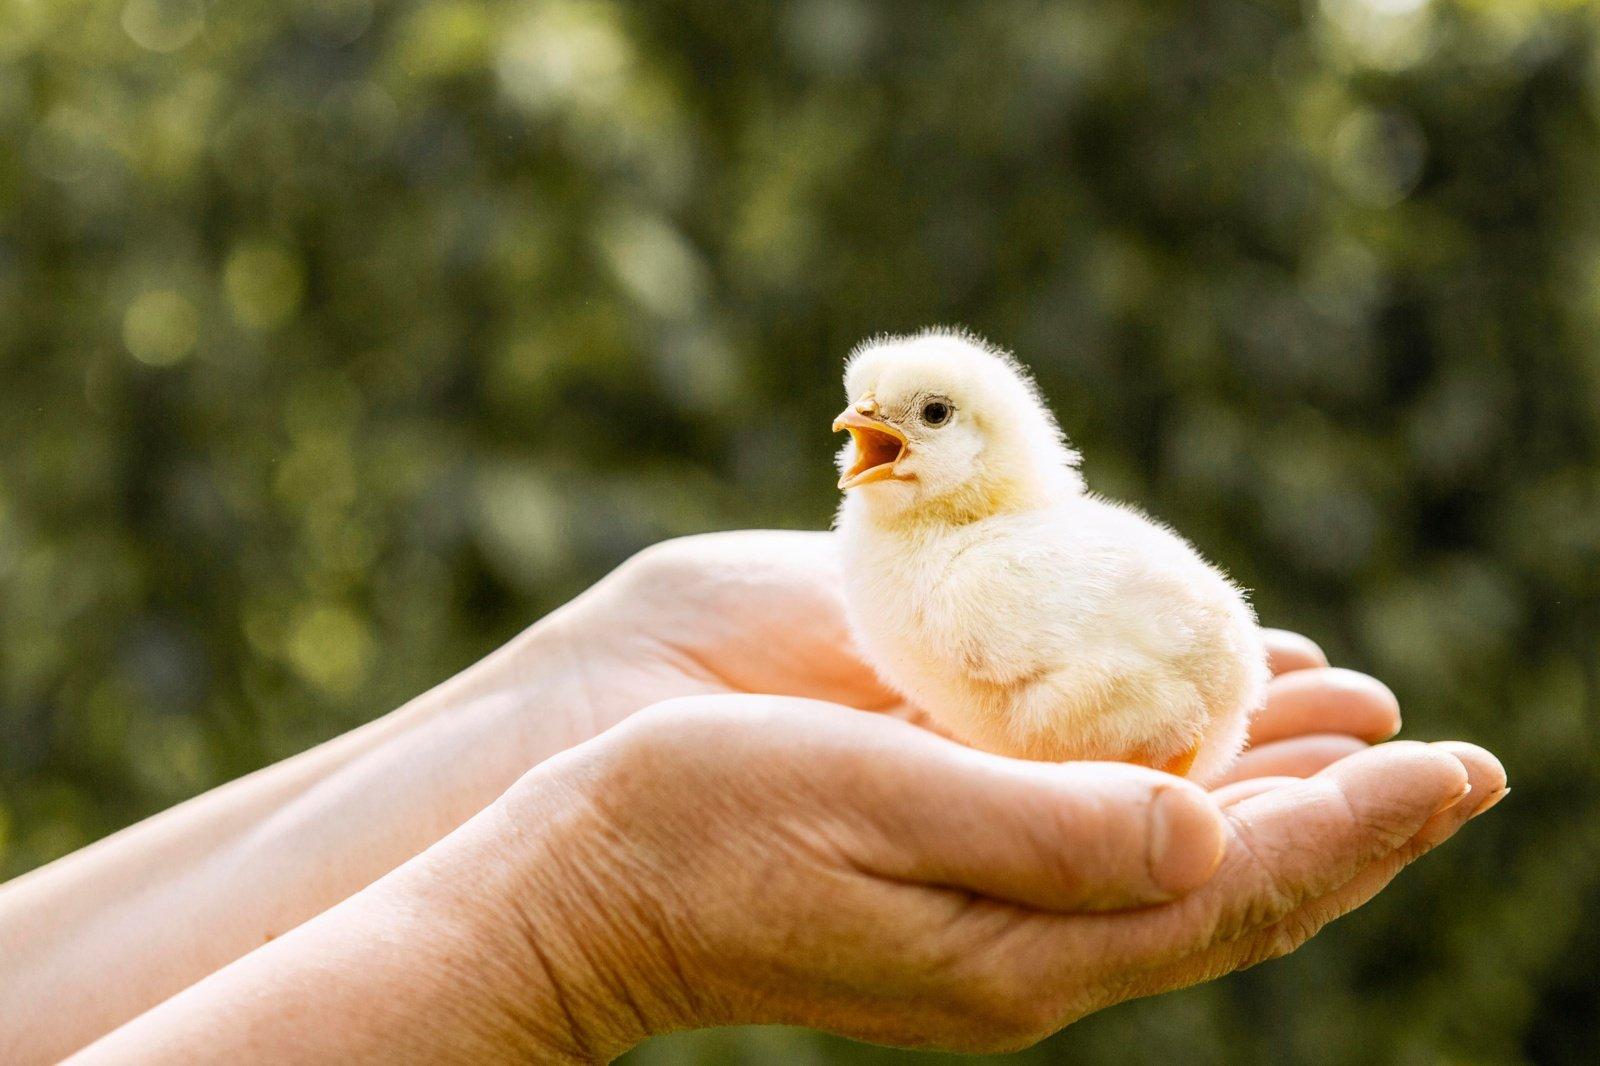 Nuo viščiuko iki broilerio. Svarbiausi faktai apie viščiukų įsigijimą, auginimą ir mitybą